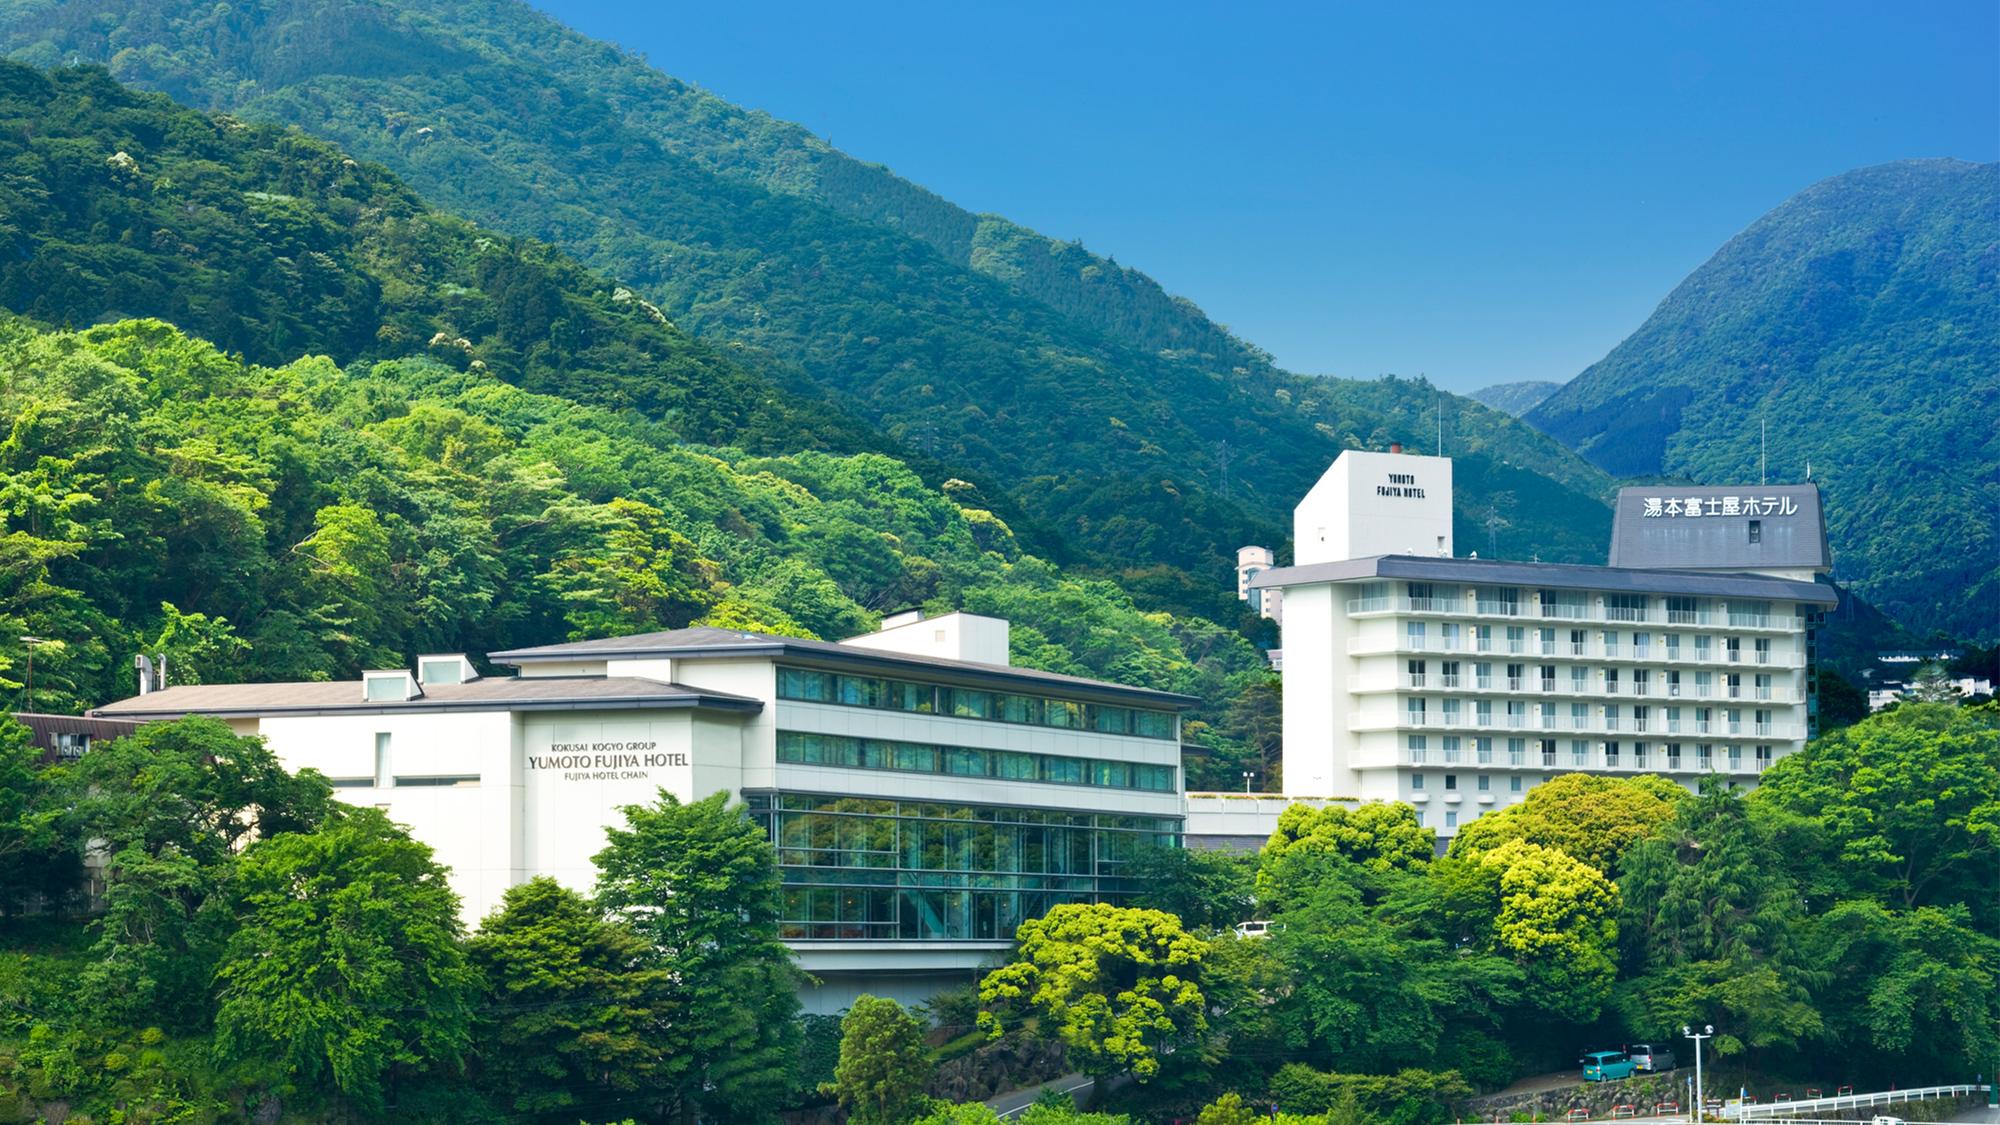 箱根で子連れにおすすめの温泉旅館